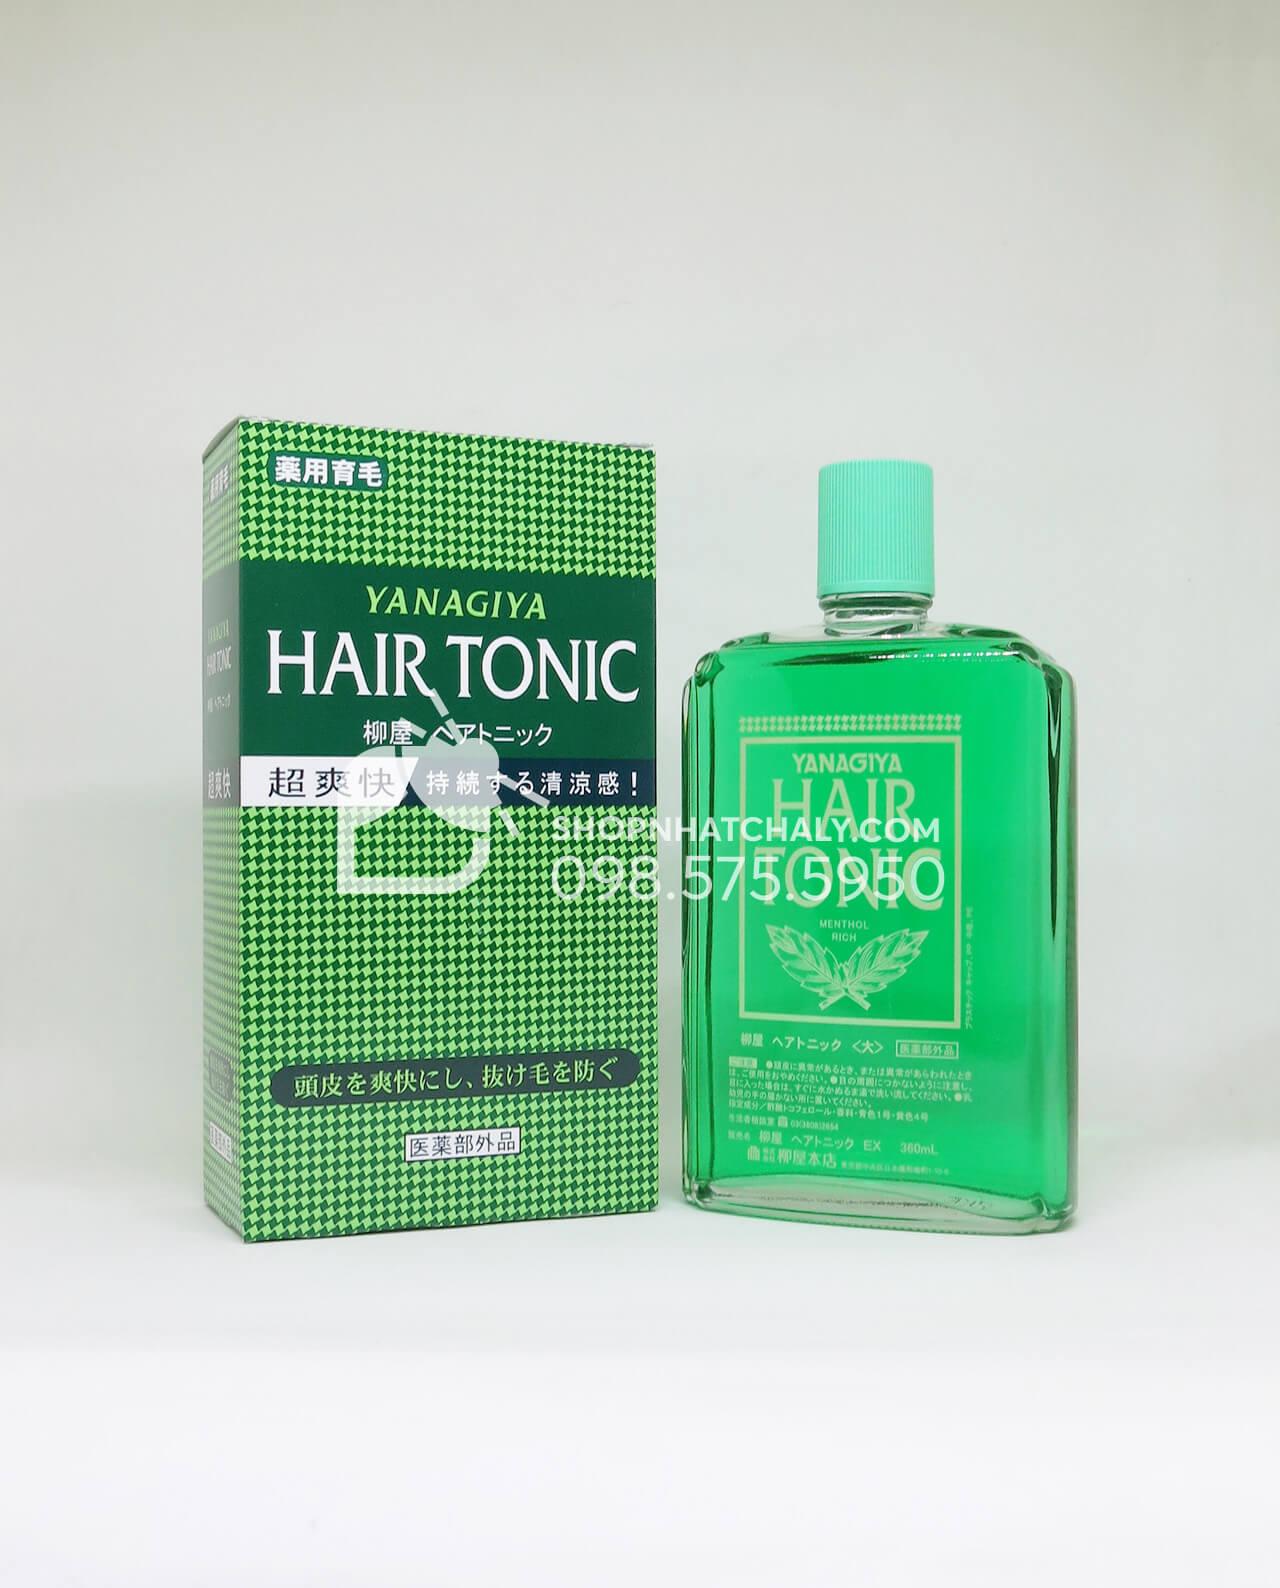 Thuốc chống rụng tóc và kích thích mọc tóc trị hói Nhật Bản Hair Tonic Yanagiya 360ml có hương liệu